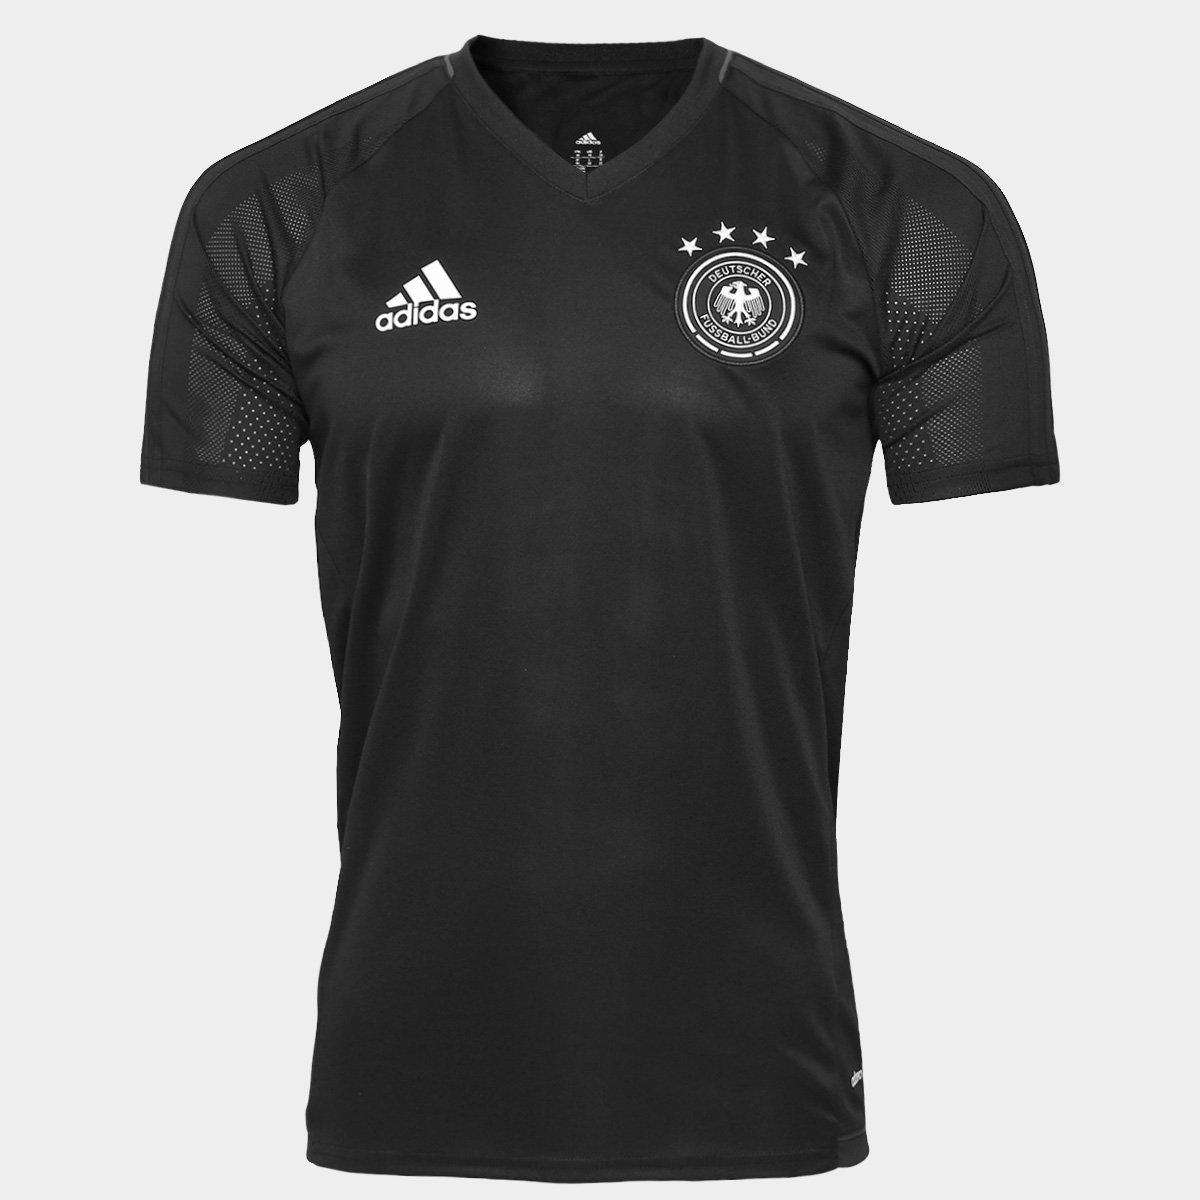 Camisa Adidas Seleção Alemanha 17 18 Treino - Compre Agora  02334c3f36503